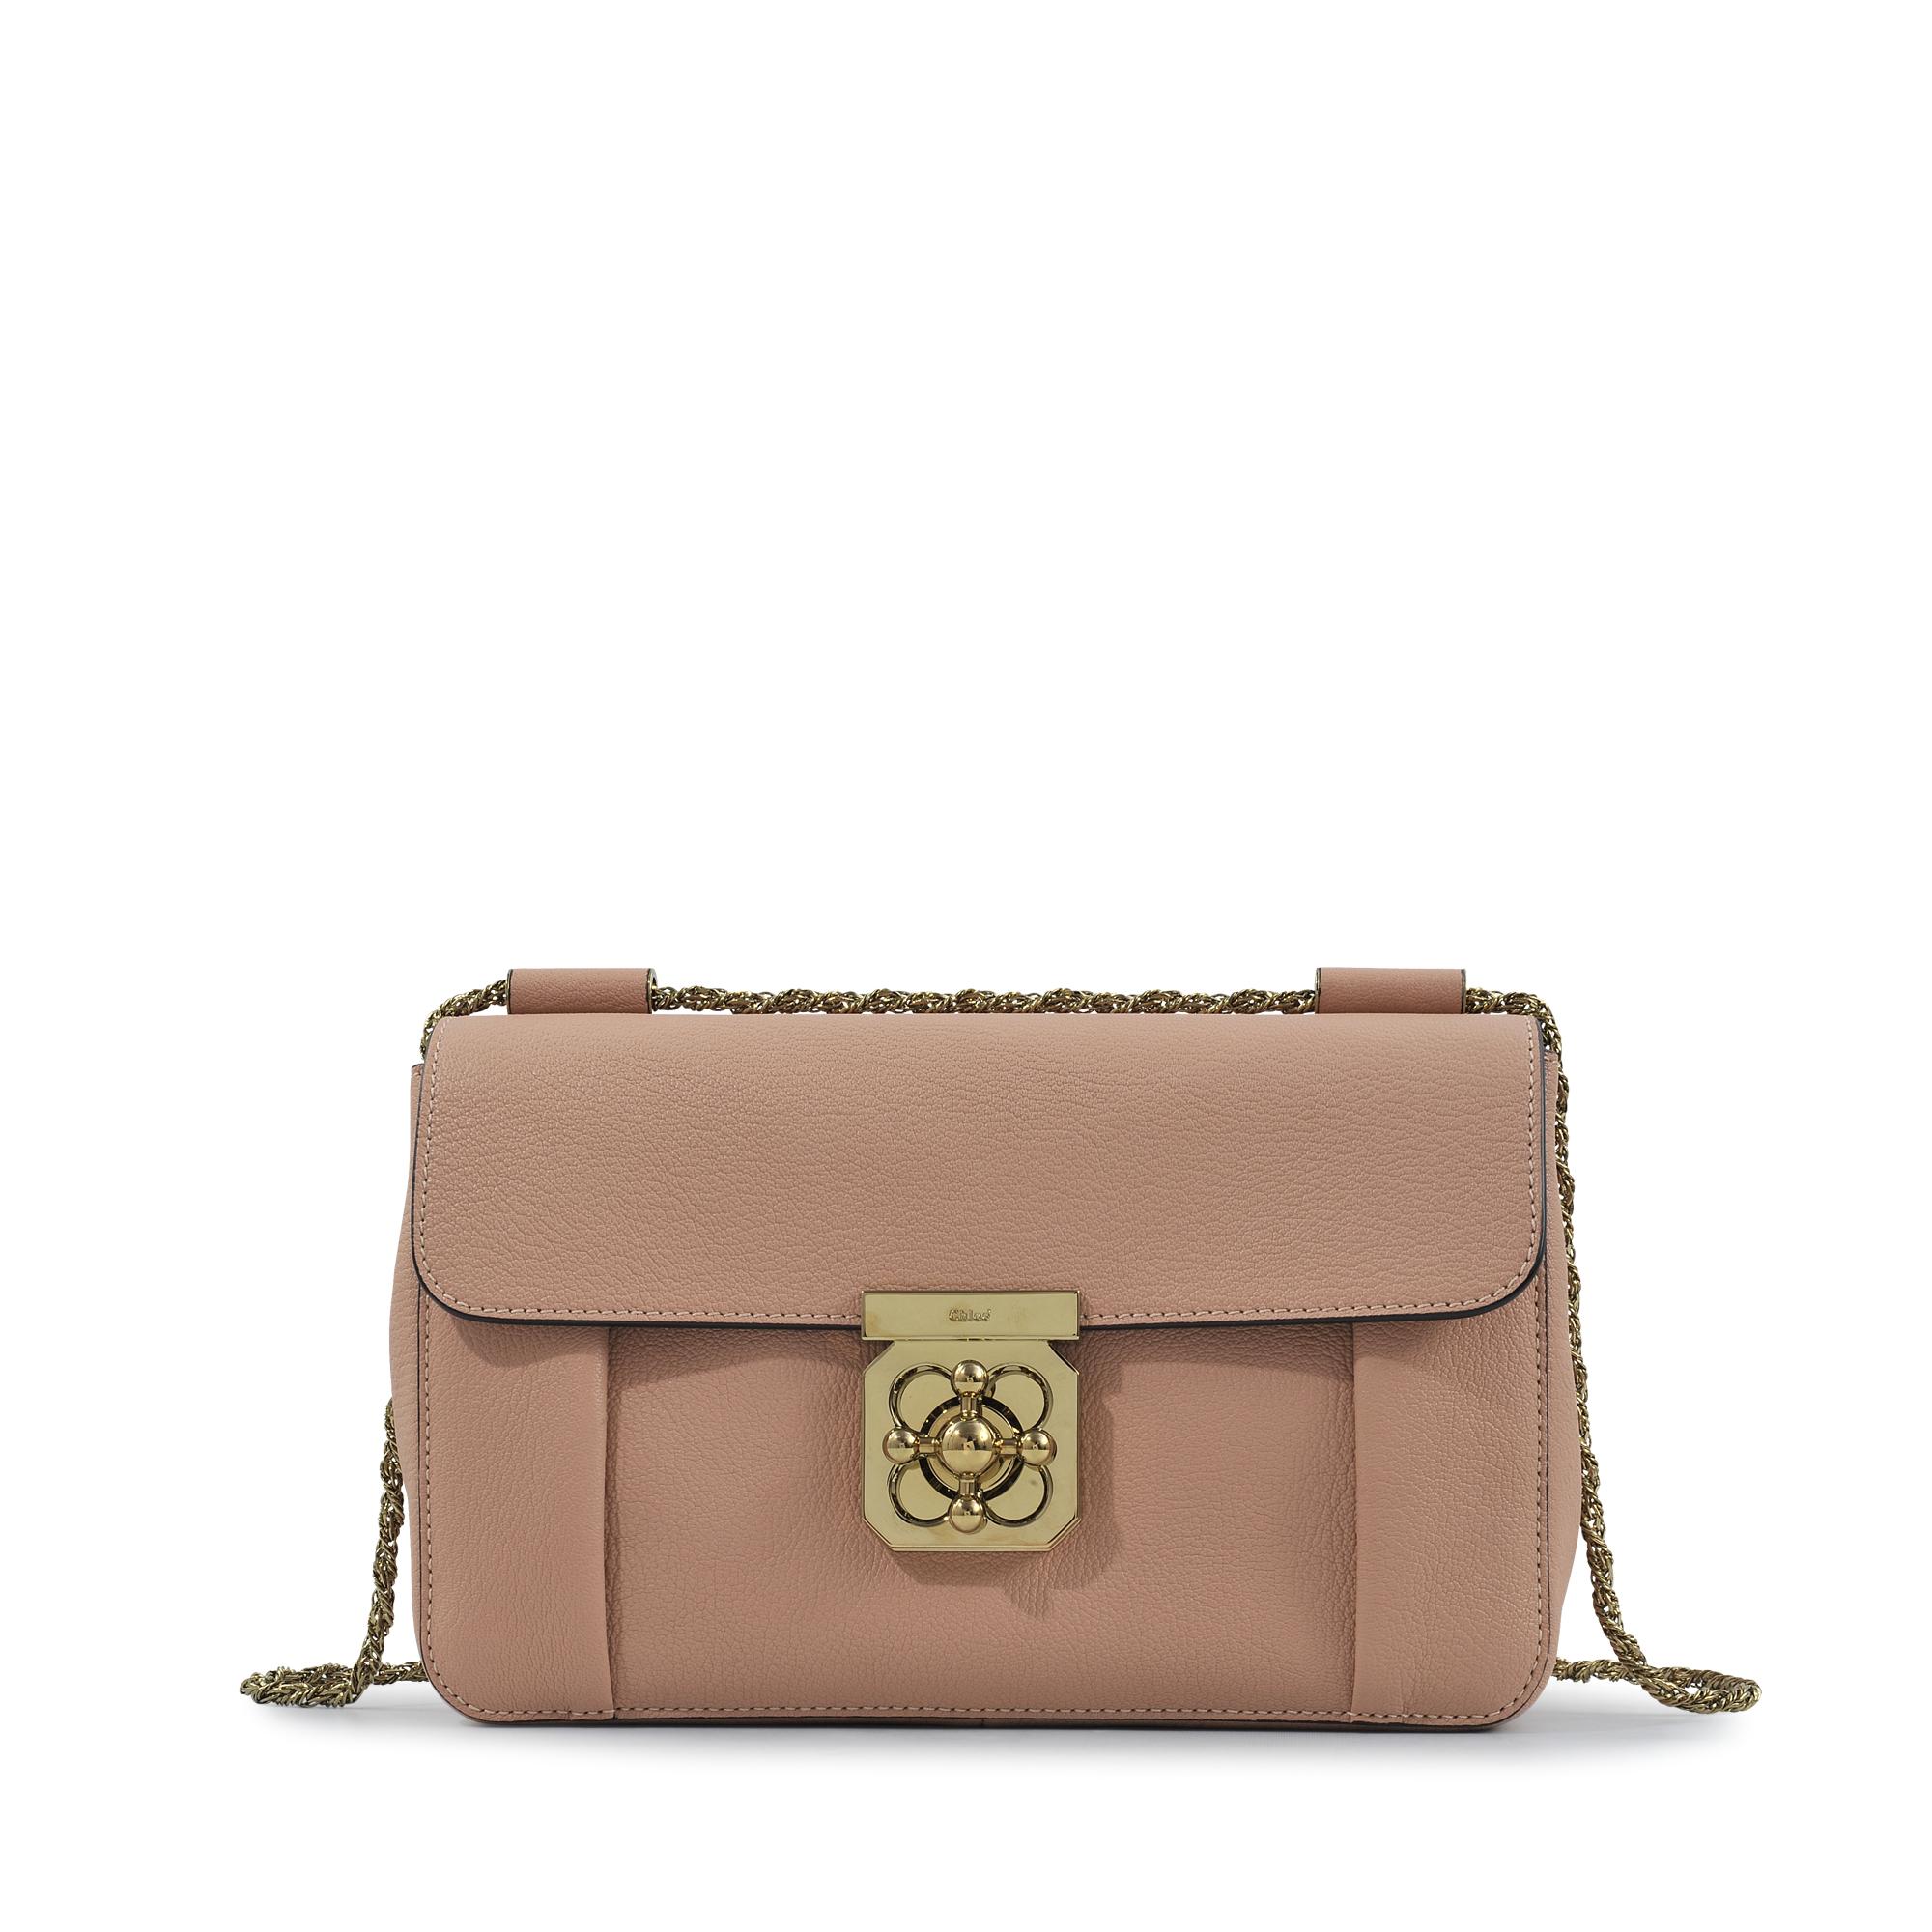 Chlo¨¦ Elsie Medium Shoulder Bag in Brown | Lyst